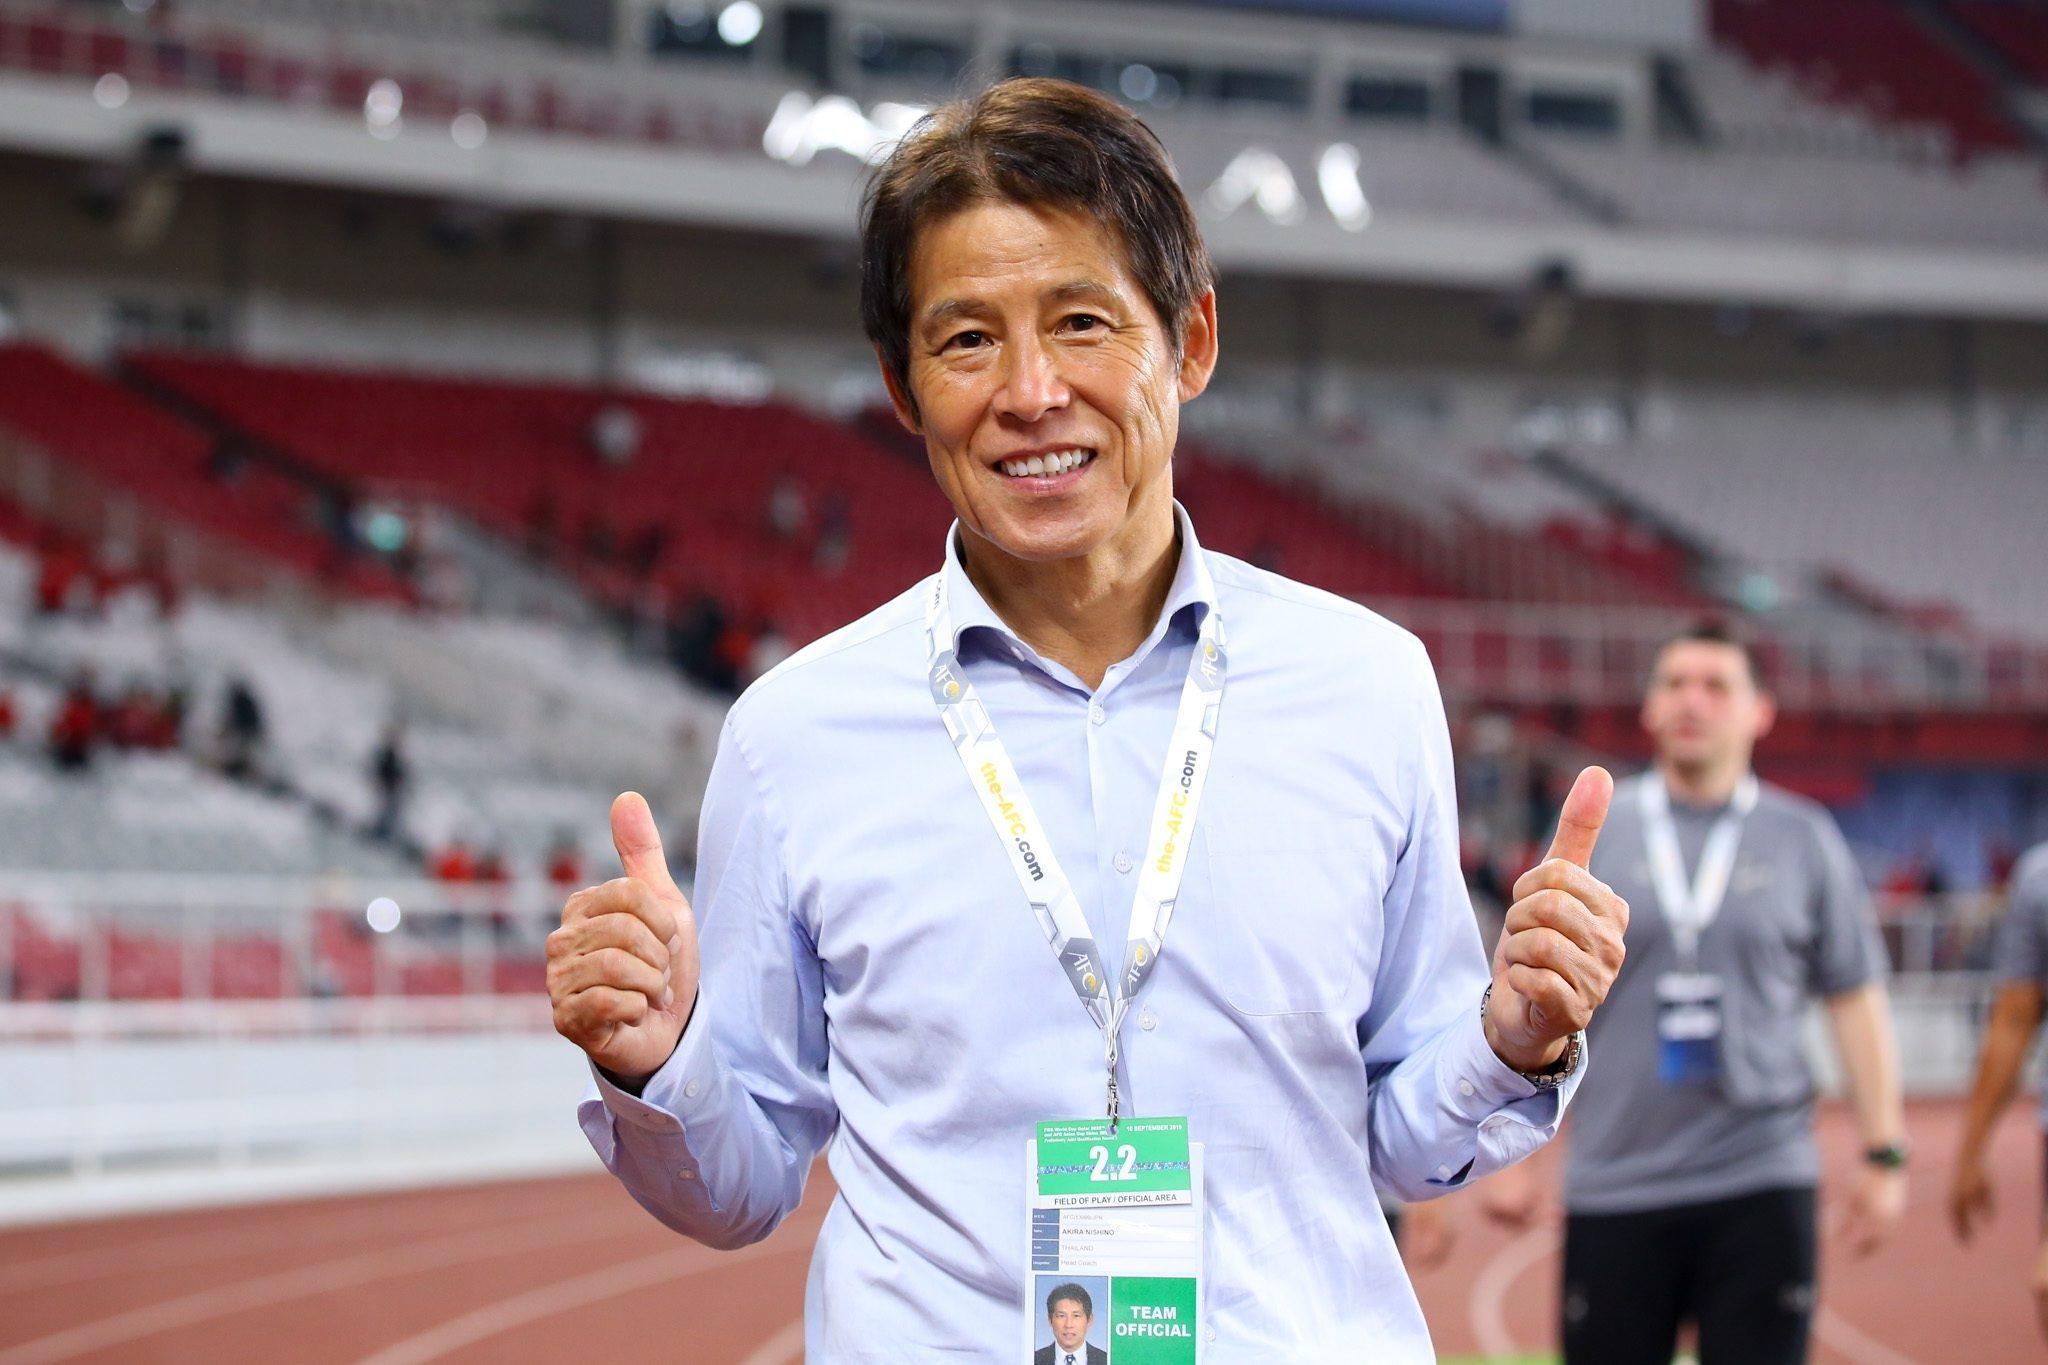 นิชิโนะ ประกาศ 33 รายชื่อ นักเตะทีมชาติไทย คัดบอลโลก